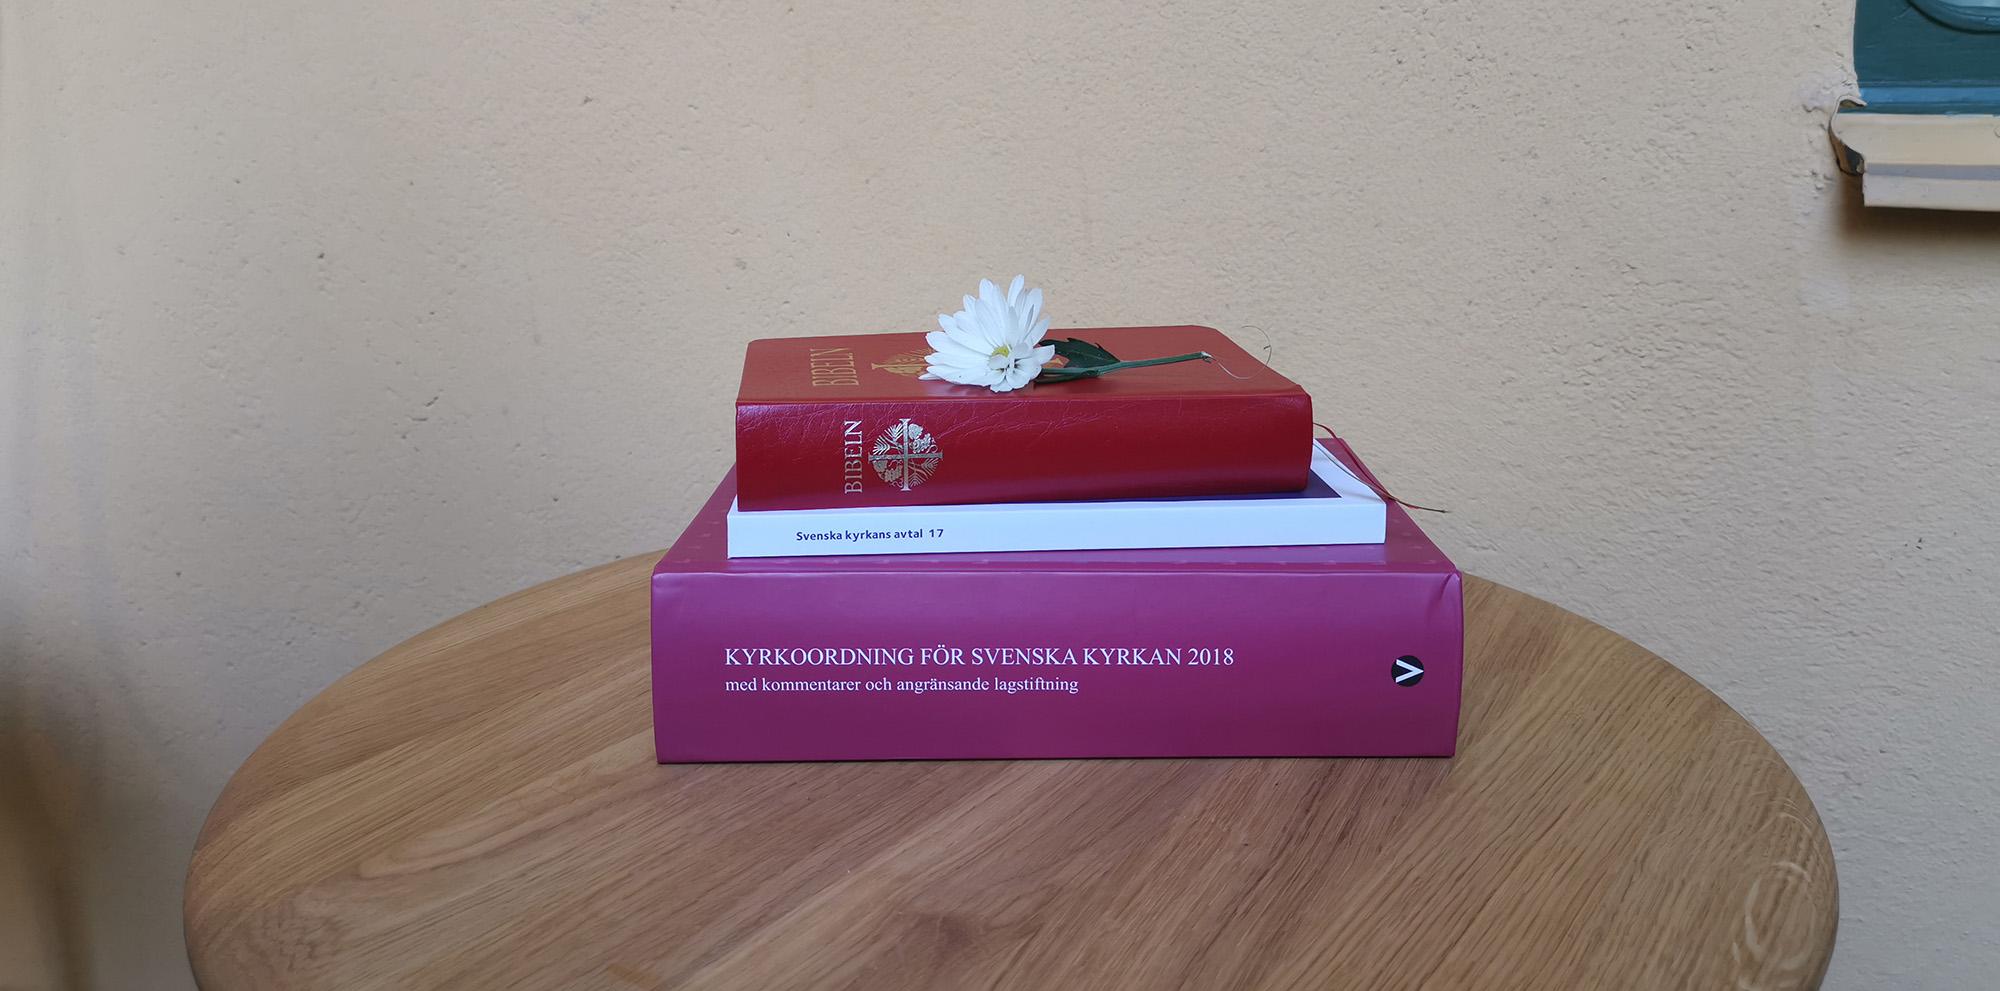 KyrkA kollektivavtal Bibeln Kyrkorodningen